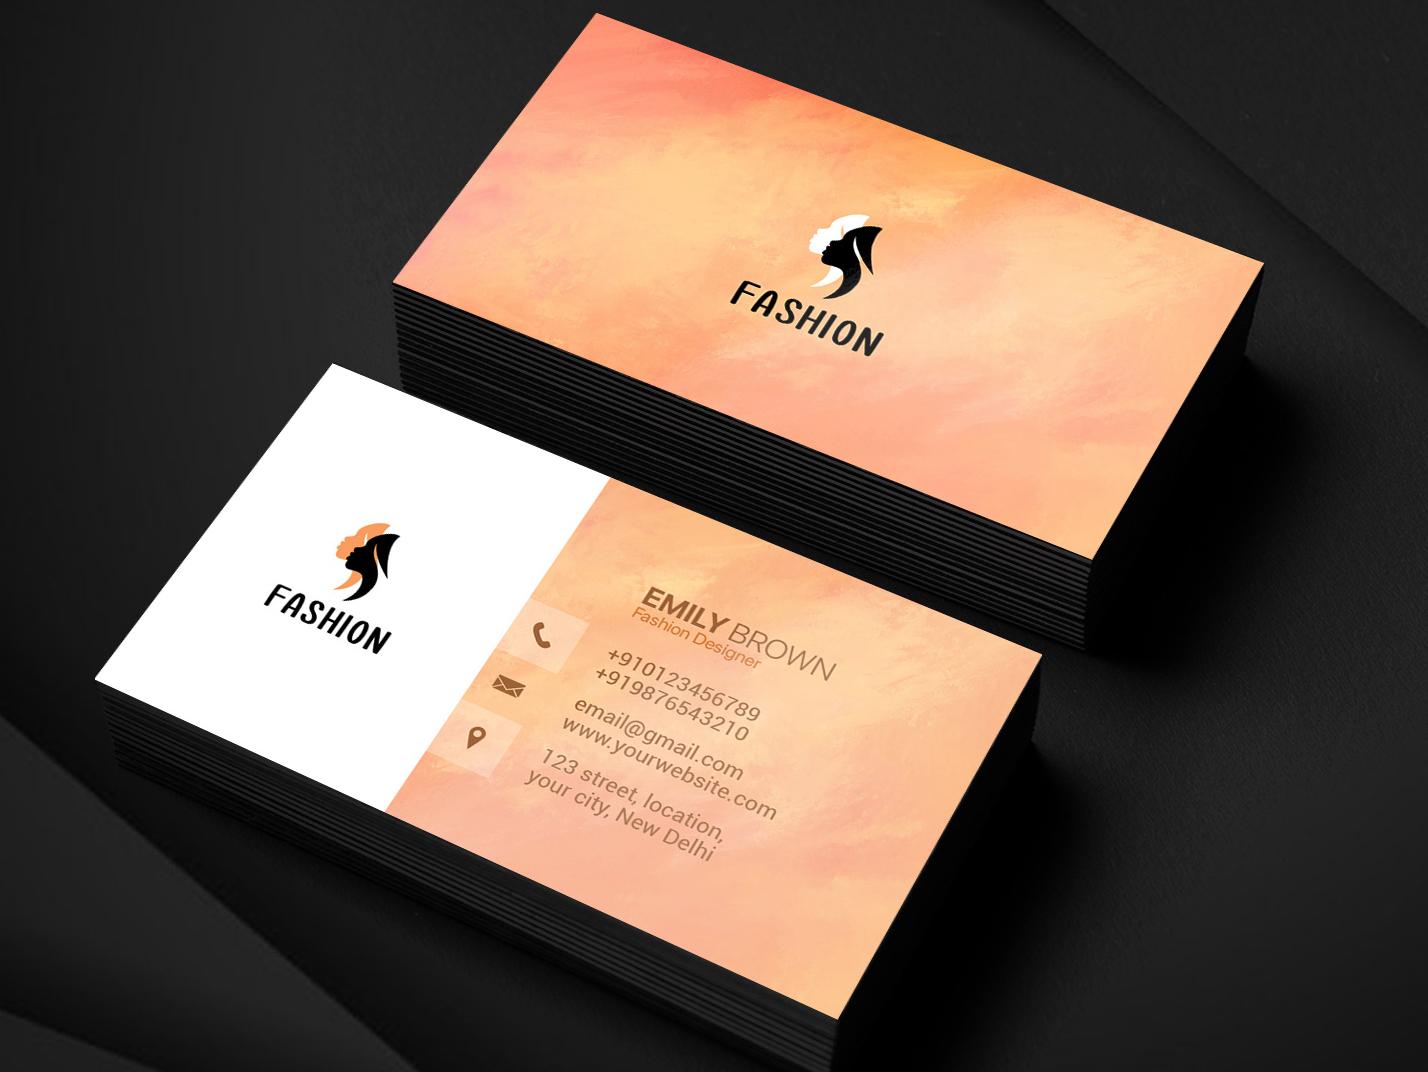 Fashion designer business card mockup1